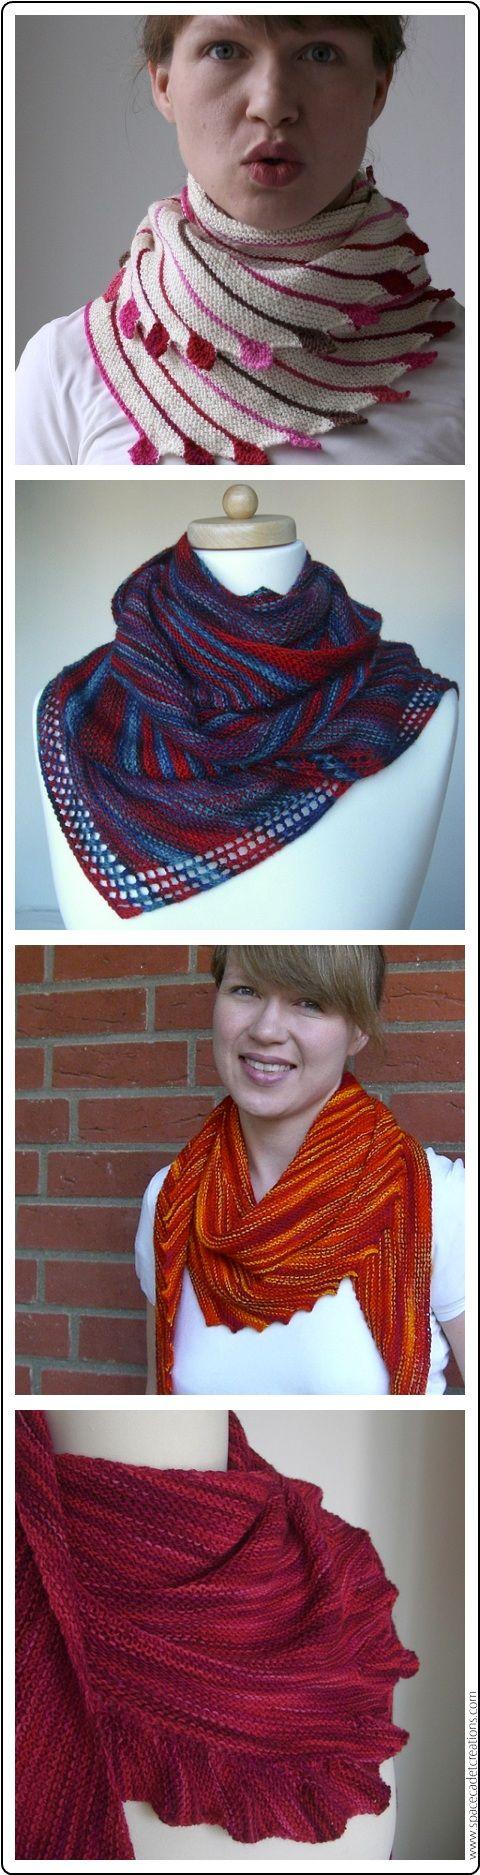 Gorgeous garter stitch shawls by Martina Behm